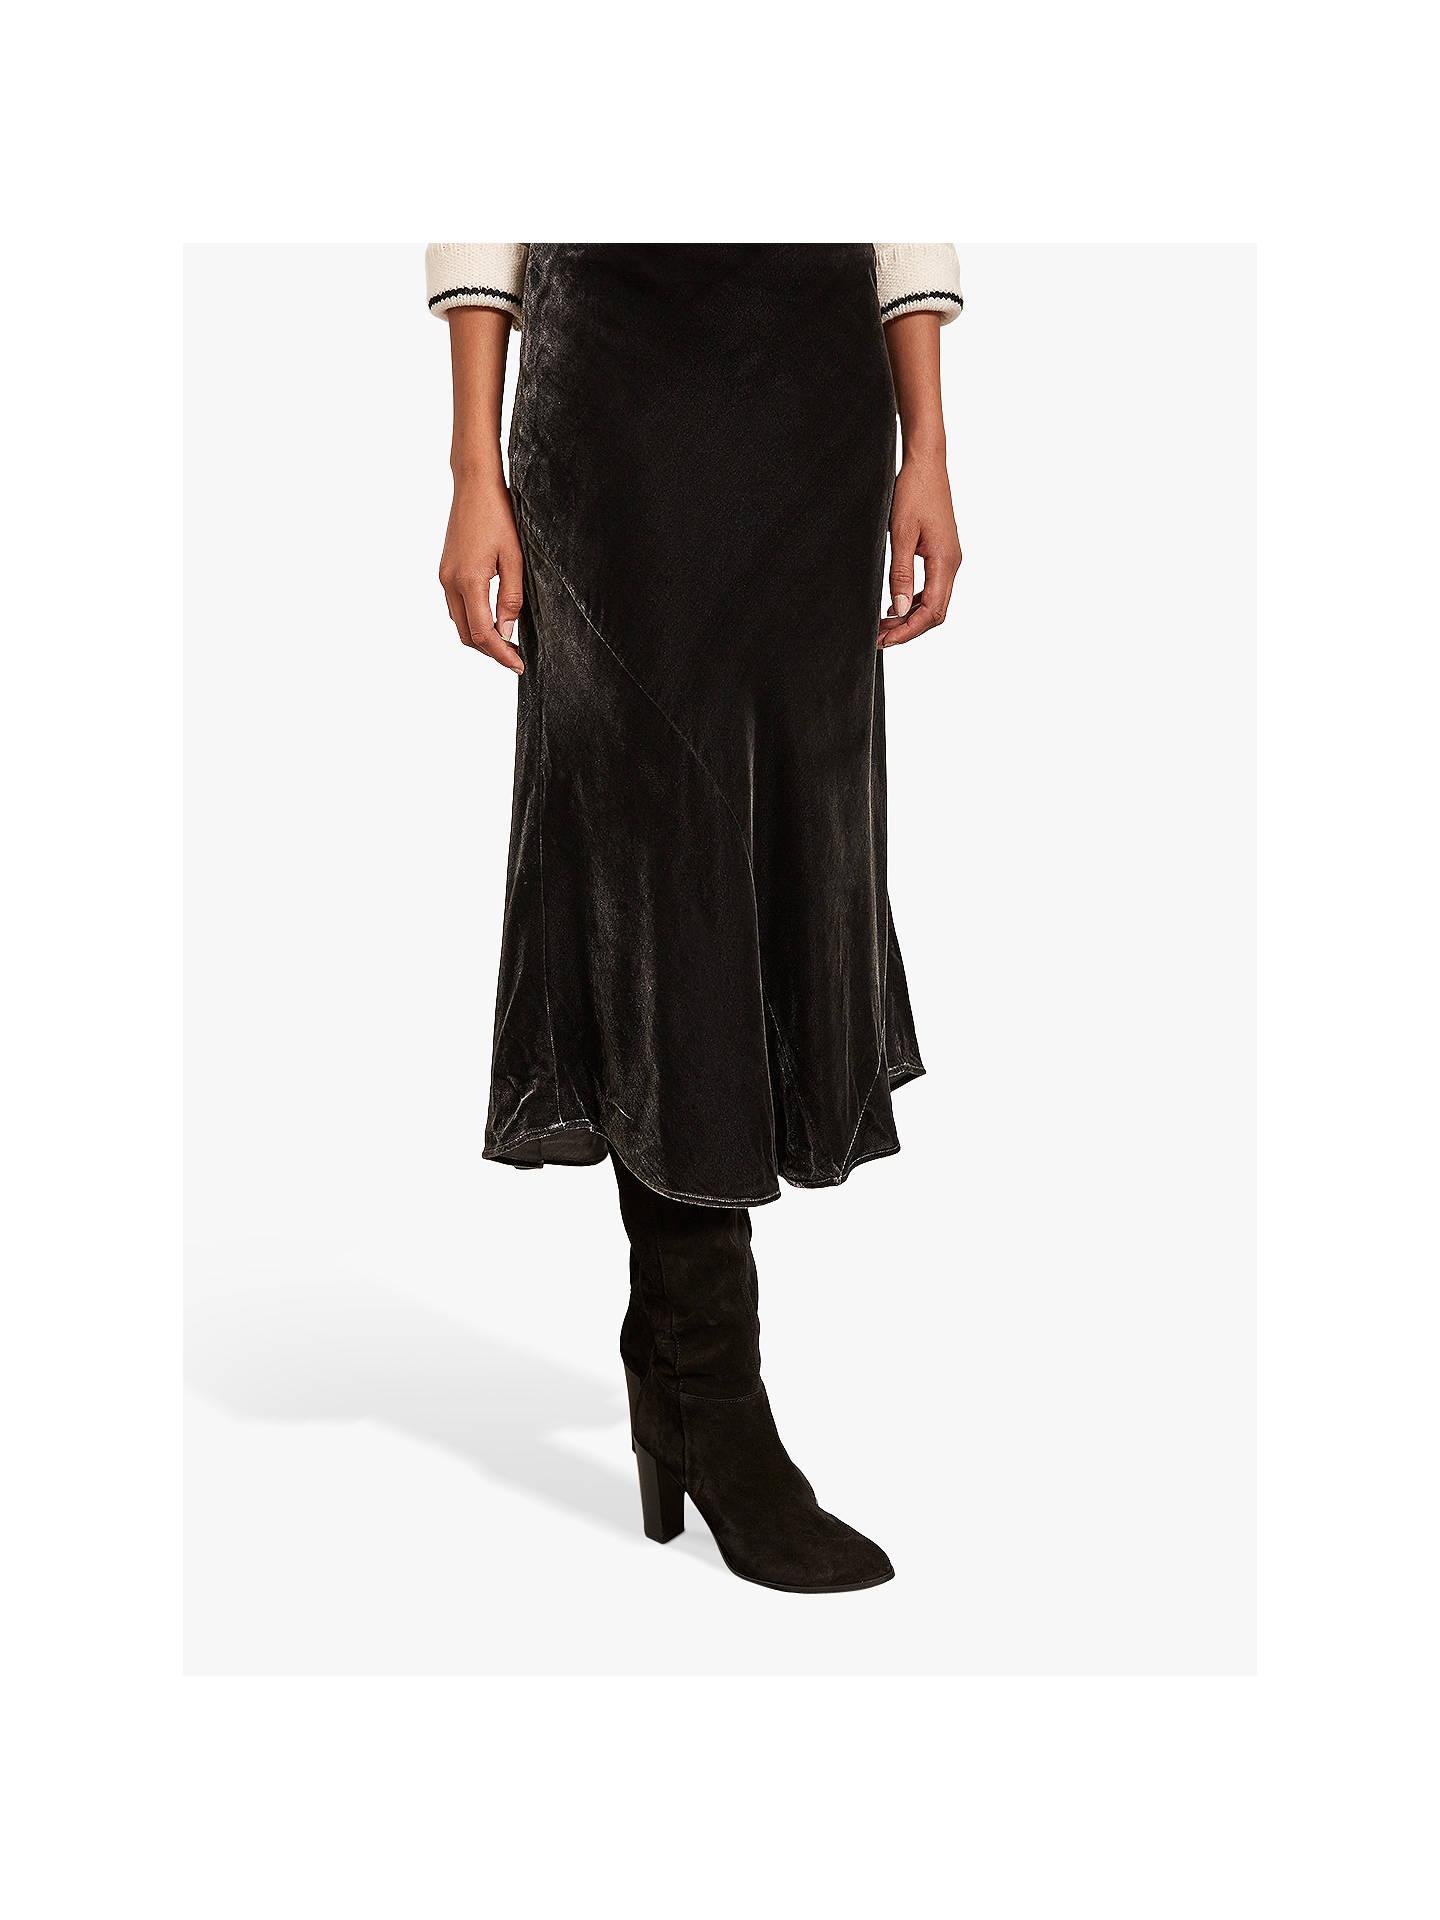 fa26866238 ... Buy Mint Velvet High-Waisted Velvet Skirt